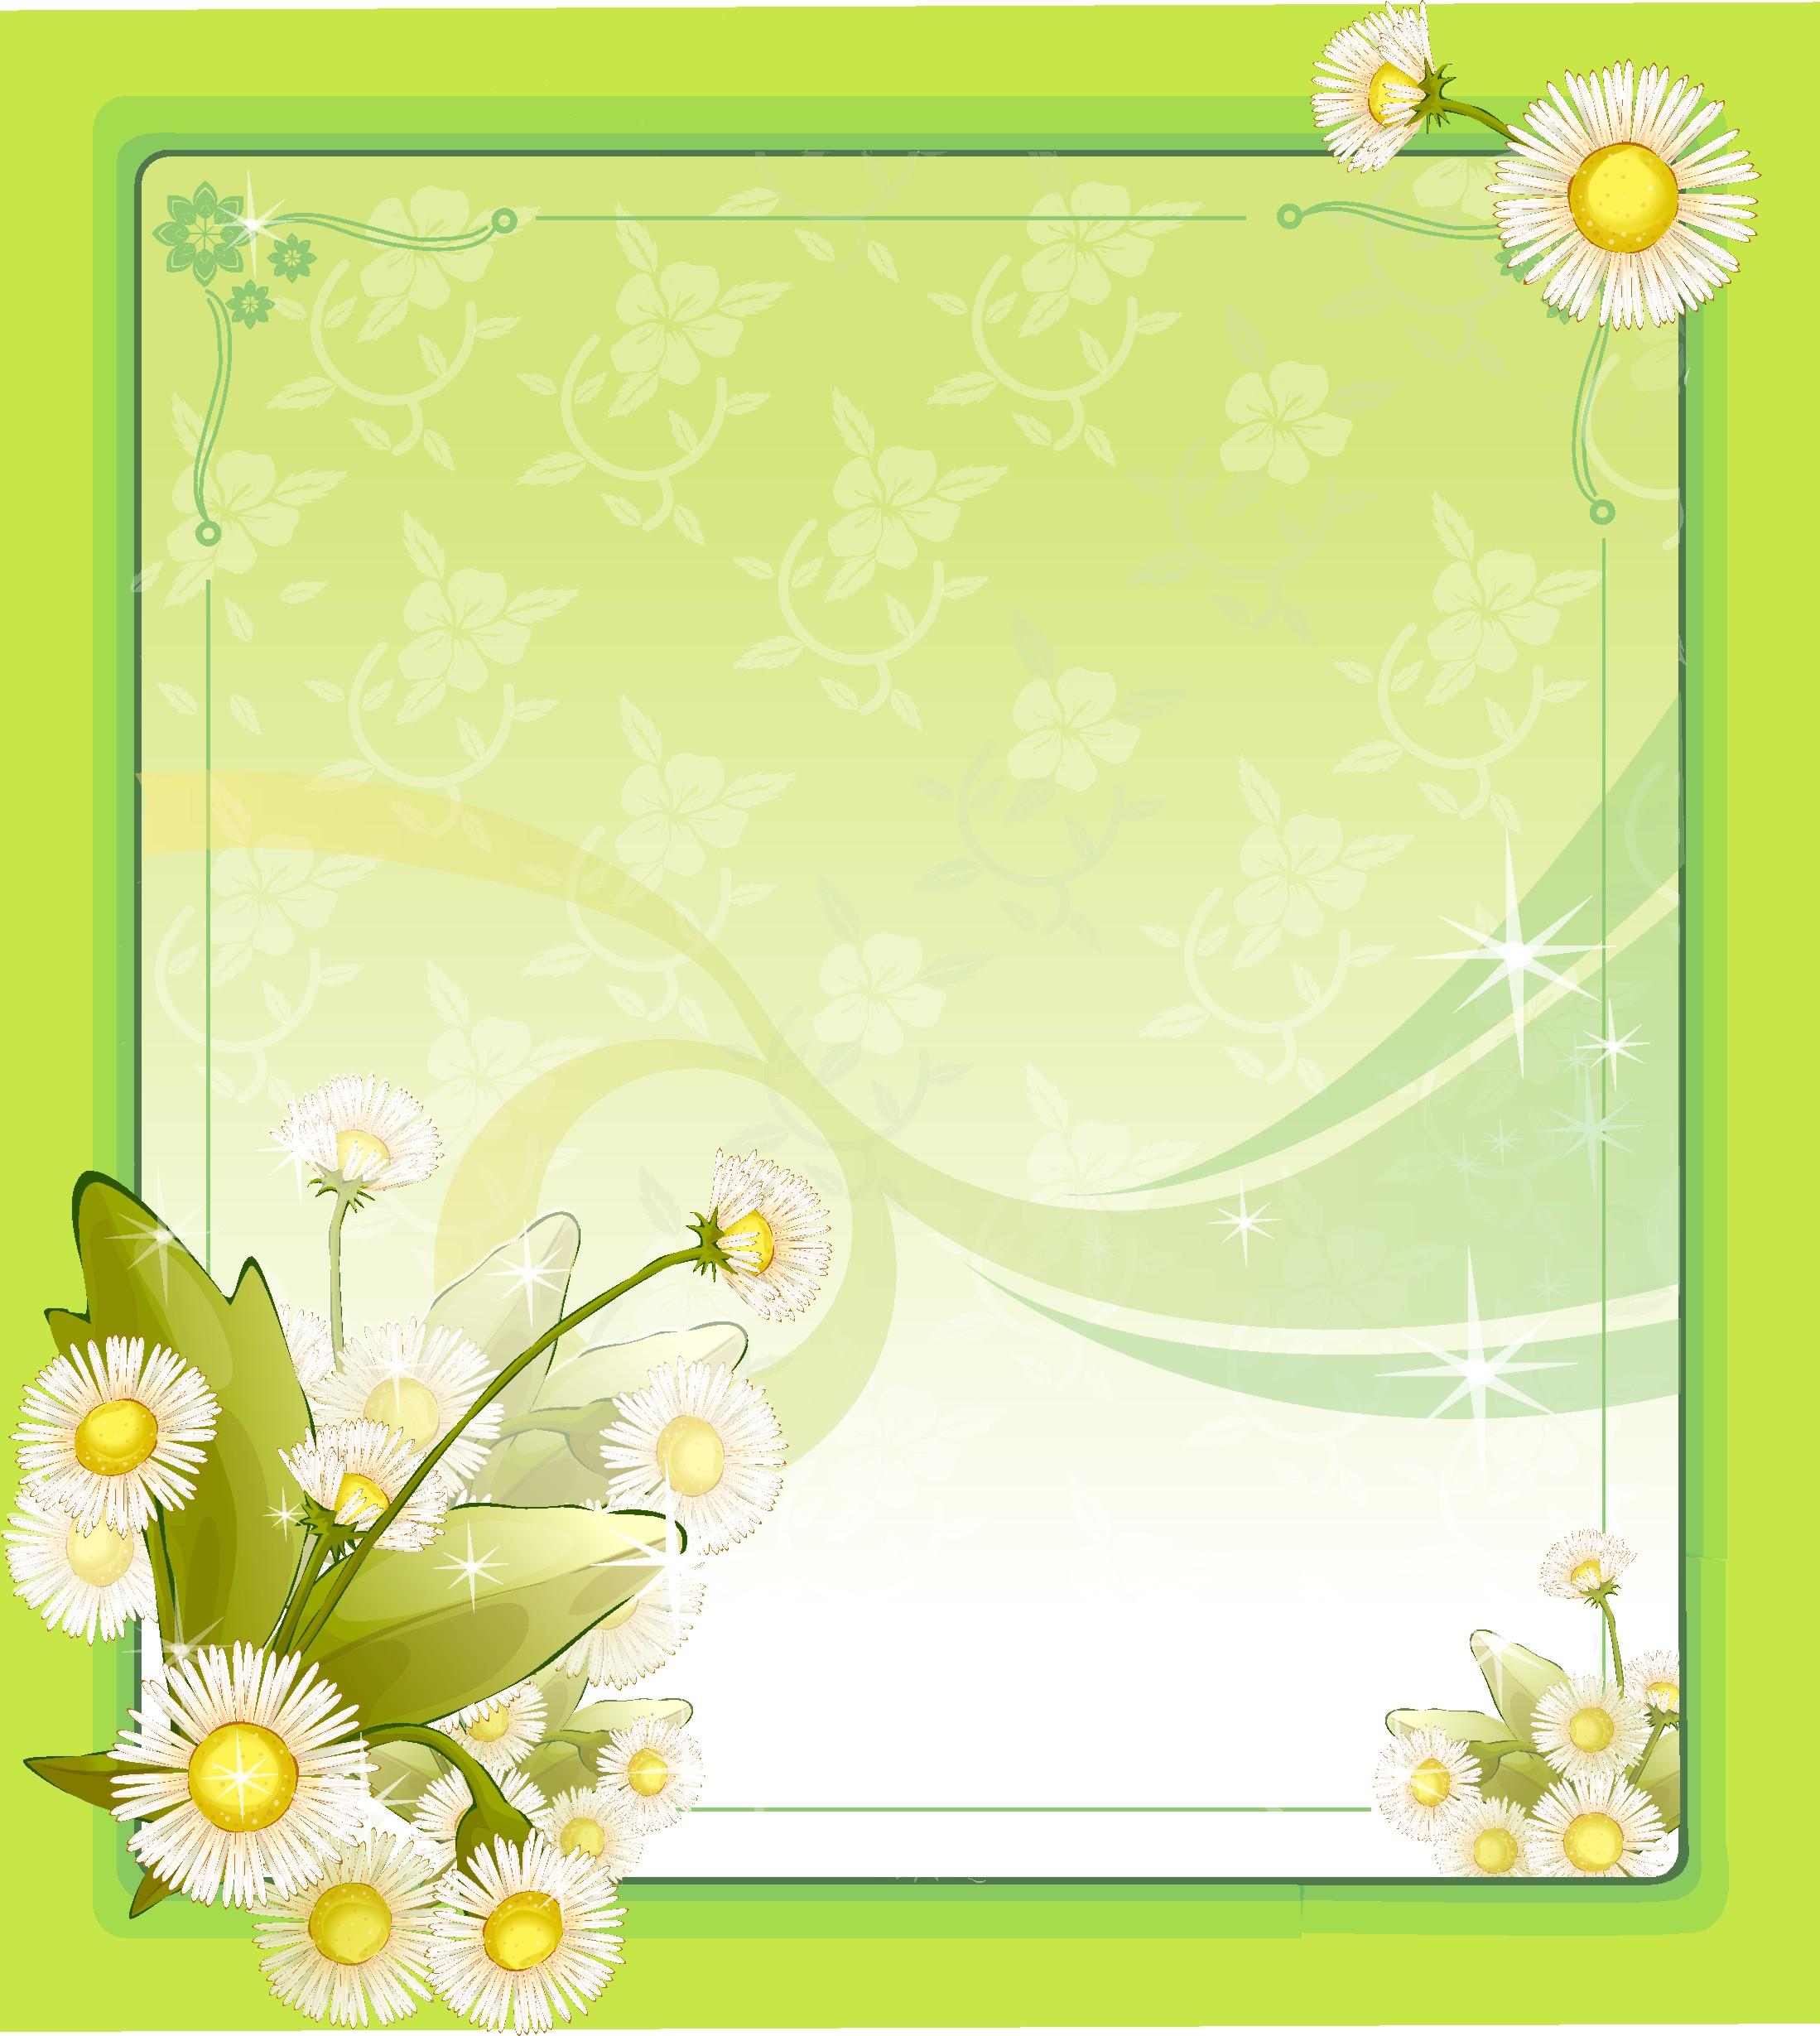 Свадьбой, открытка для документа